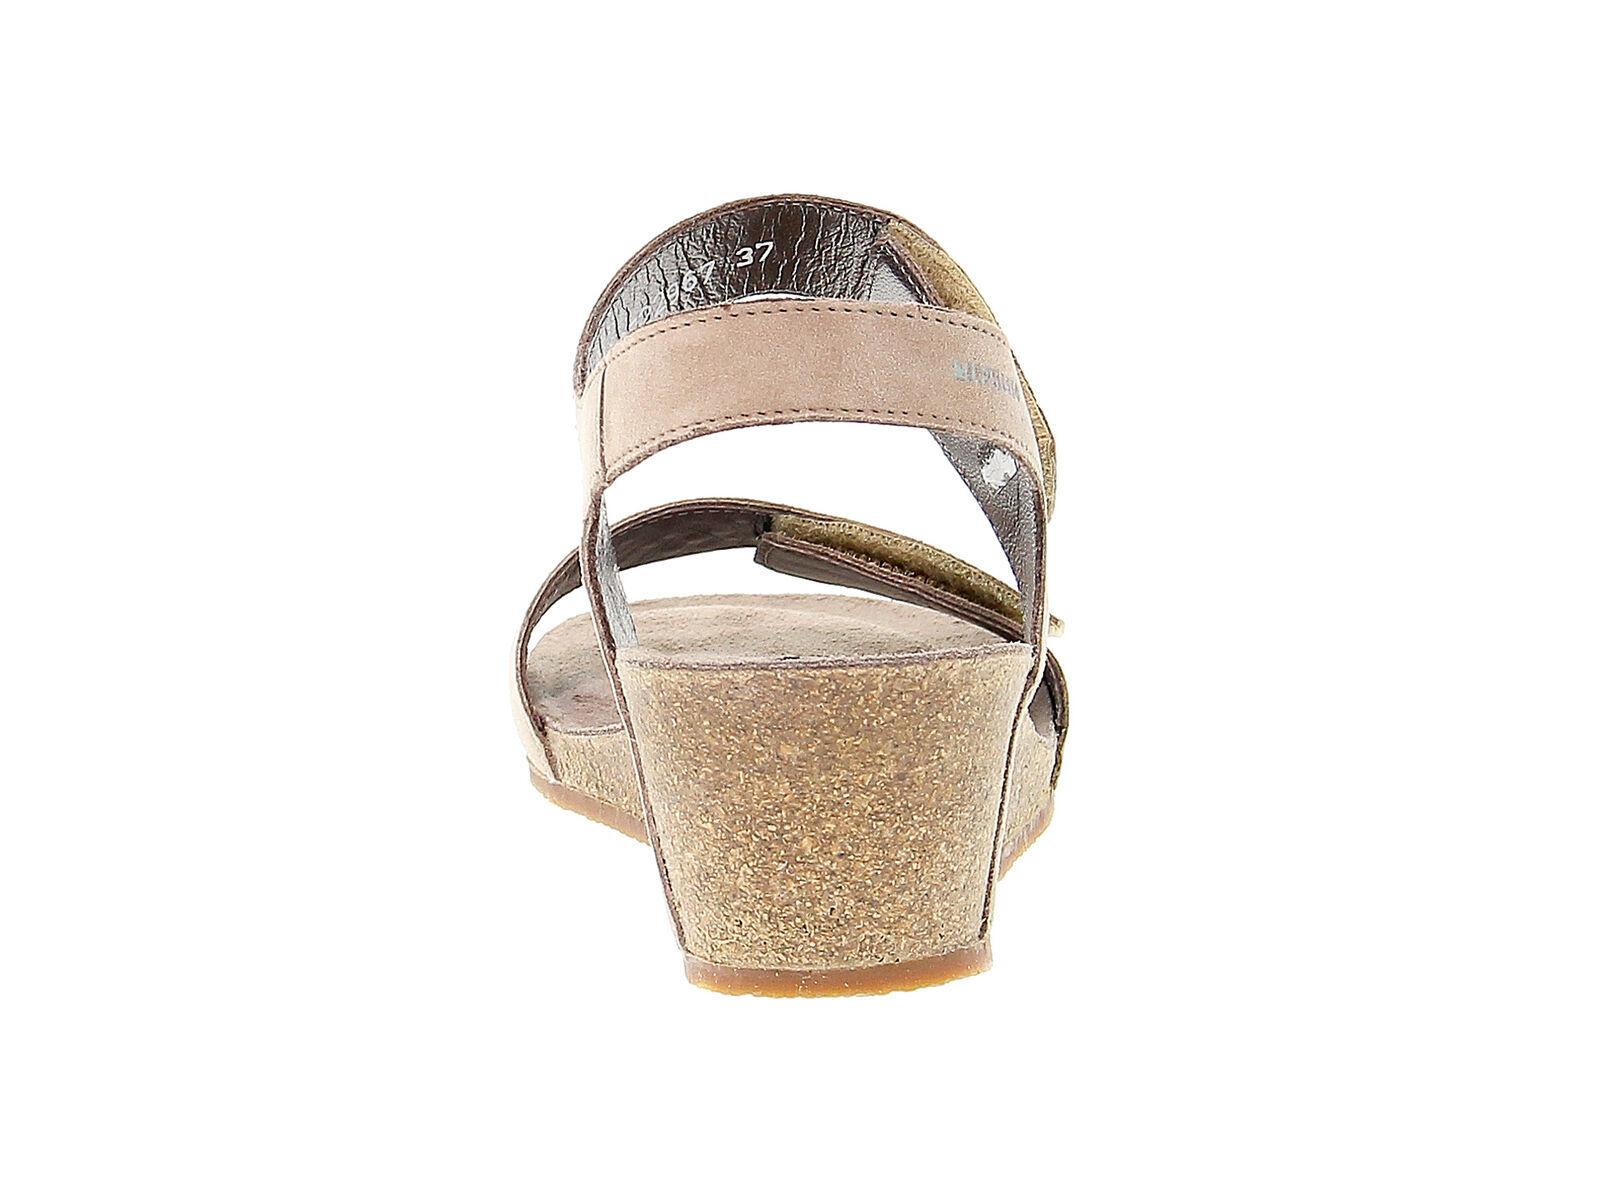 Sandalo con tacco MEPHISTO MARIA in camoscio taupe - Scarpe Donna